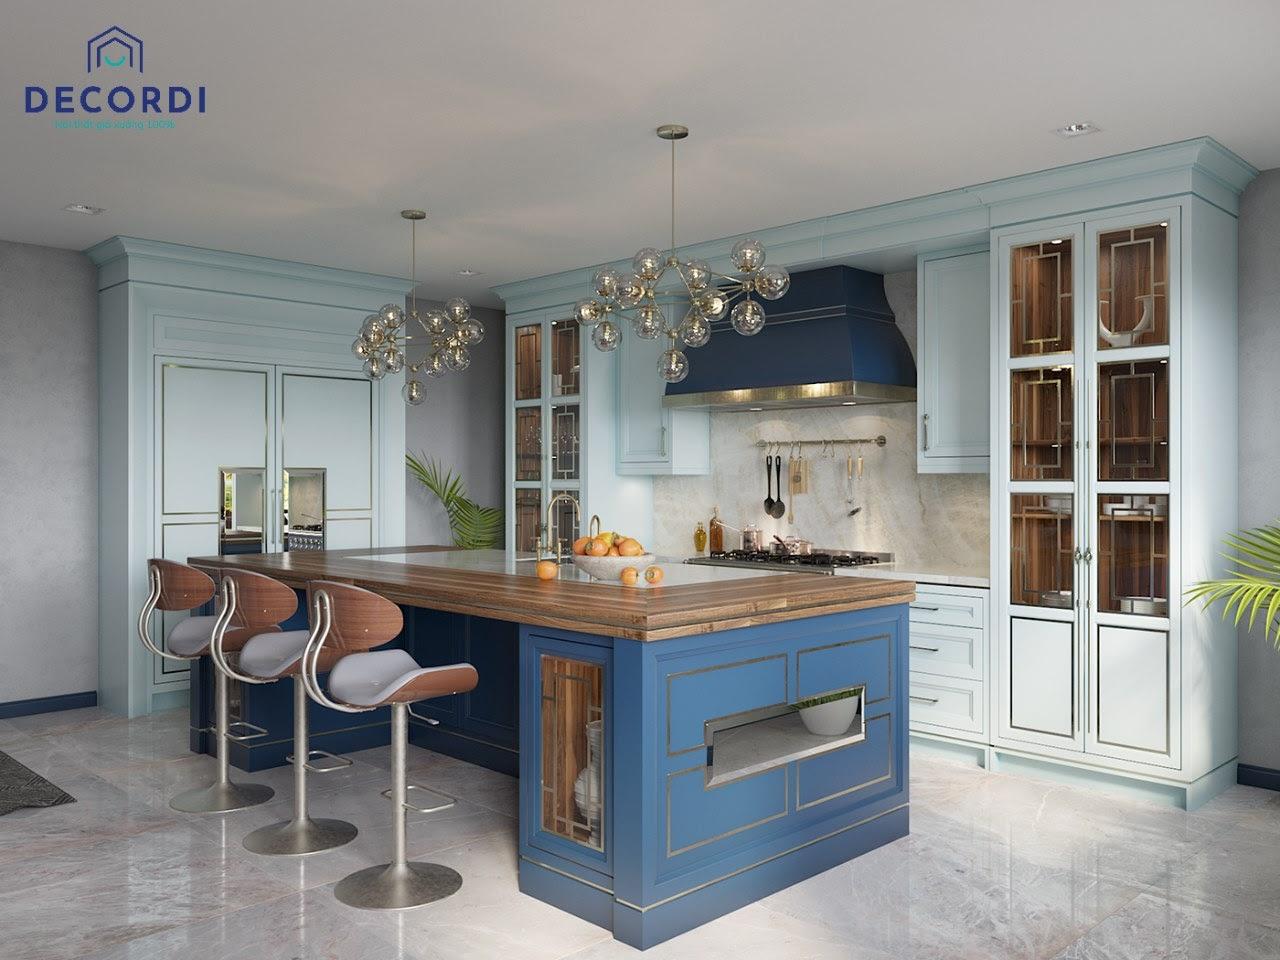 Bàn đảo bếp phân chia không gian linh hoạt dễ dàng sinh hoạt